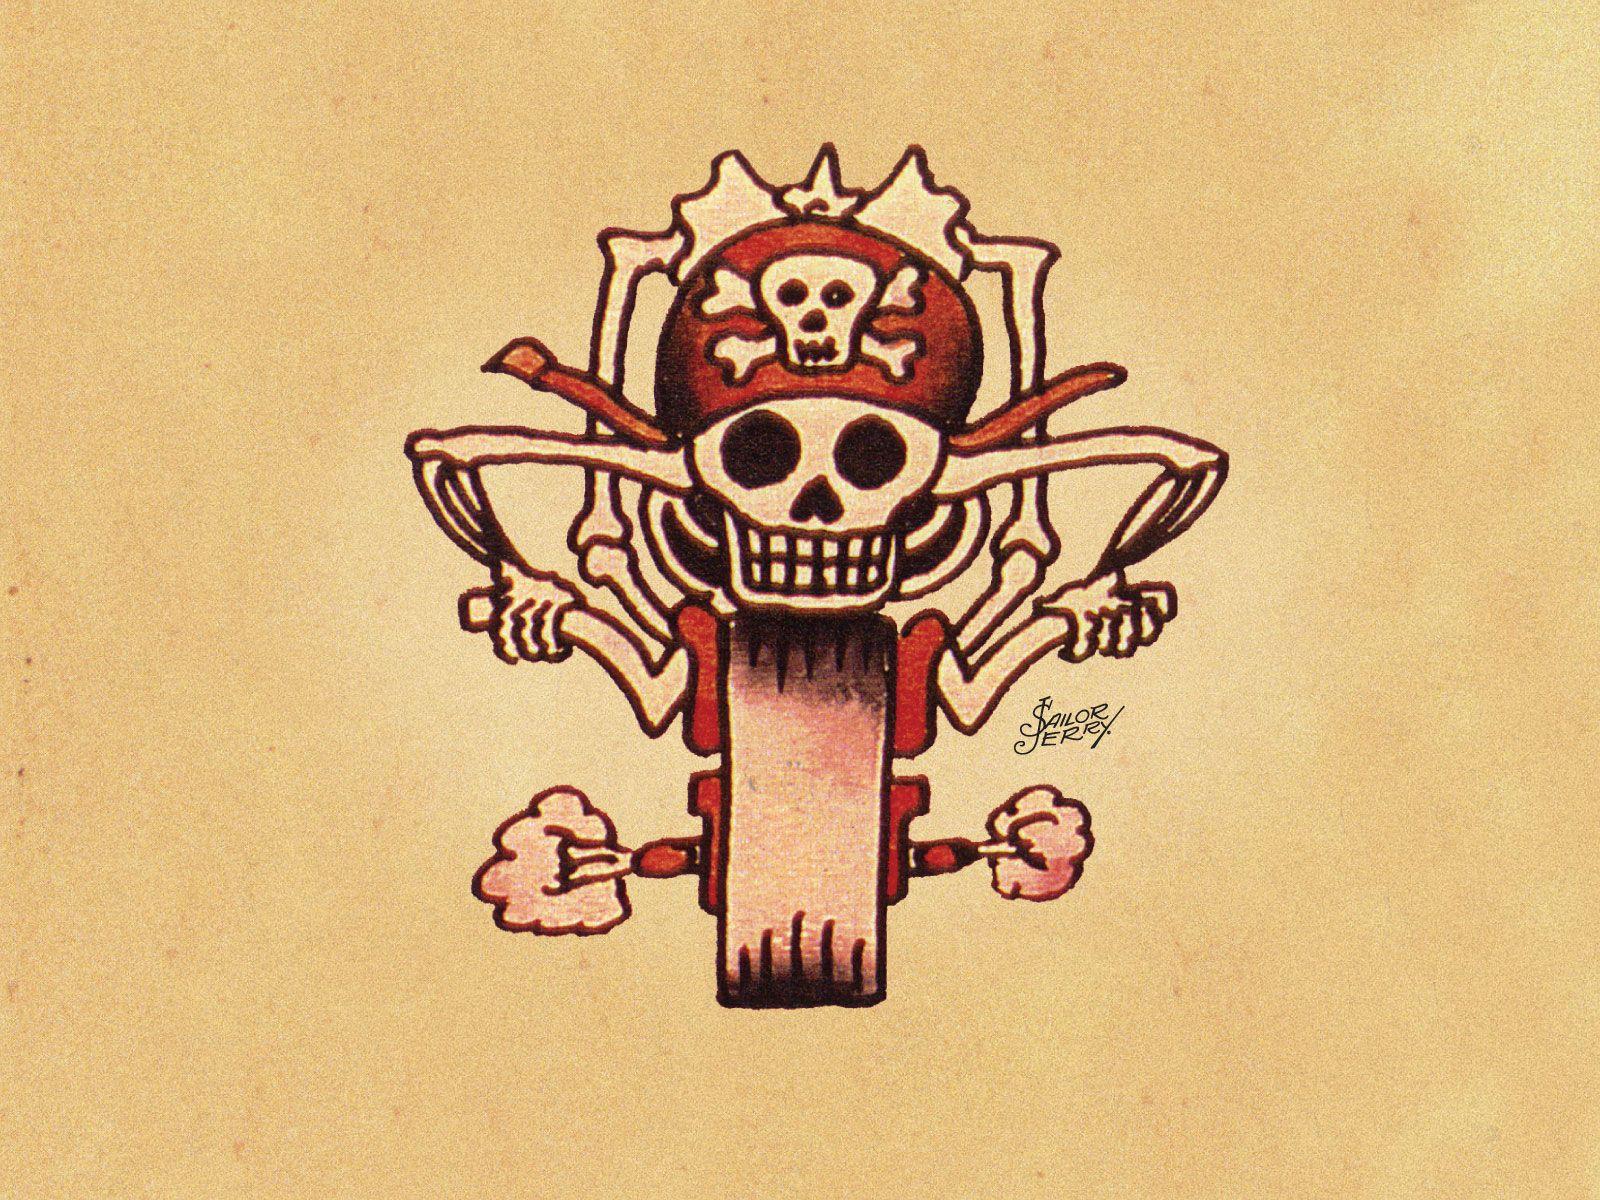 Sailor Jerry Tattoos Live On | Sailor jerry, Sailor jerry tattoos ...